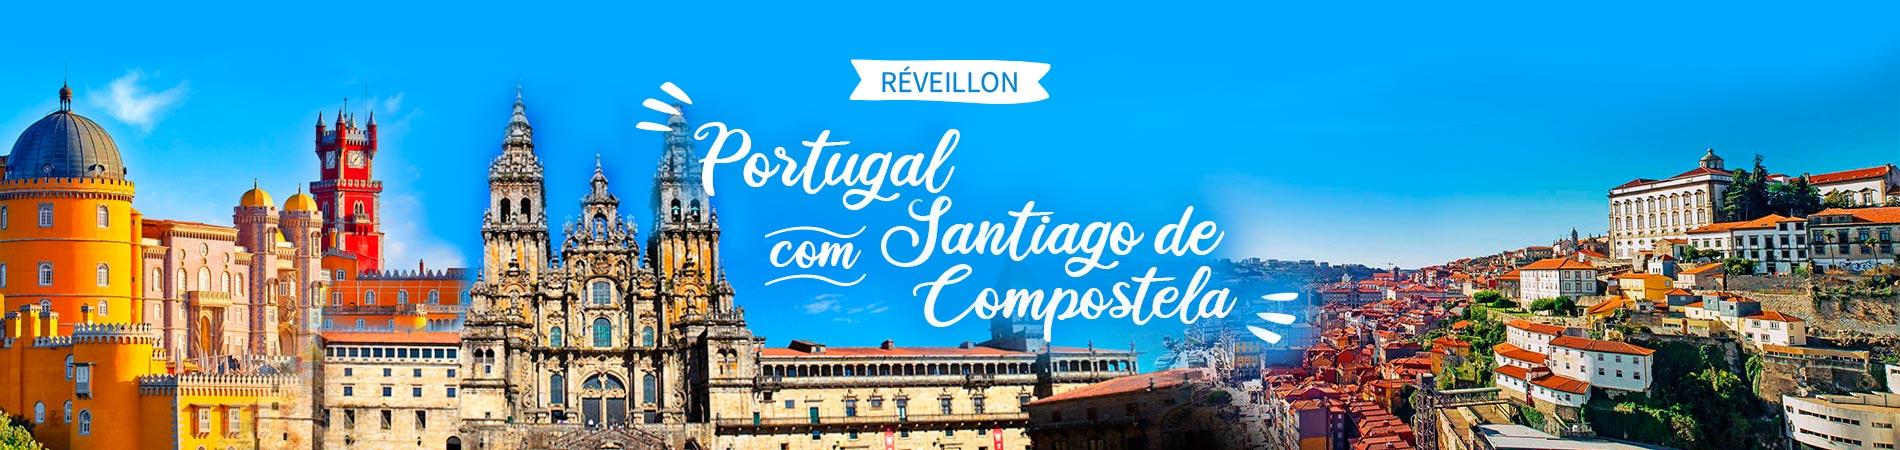 banner-portugal-santiago